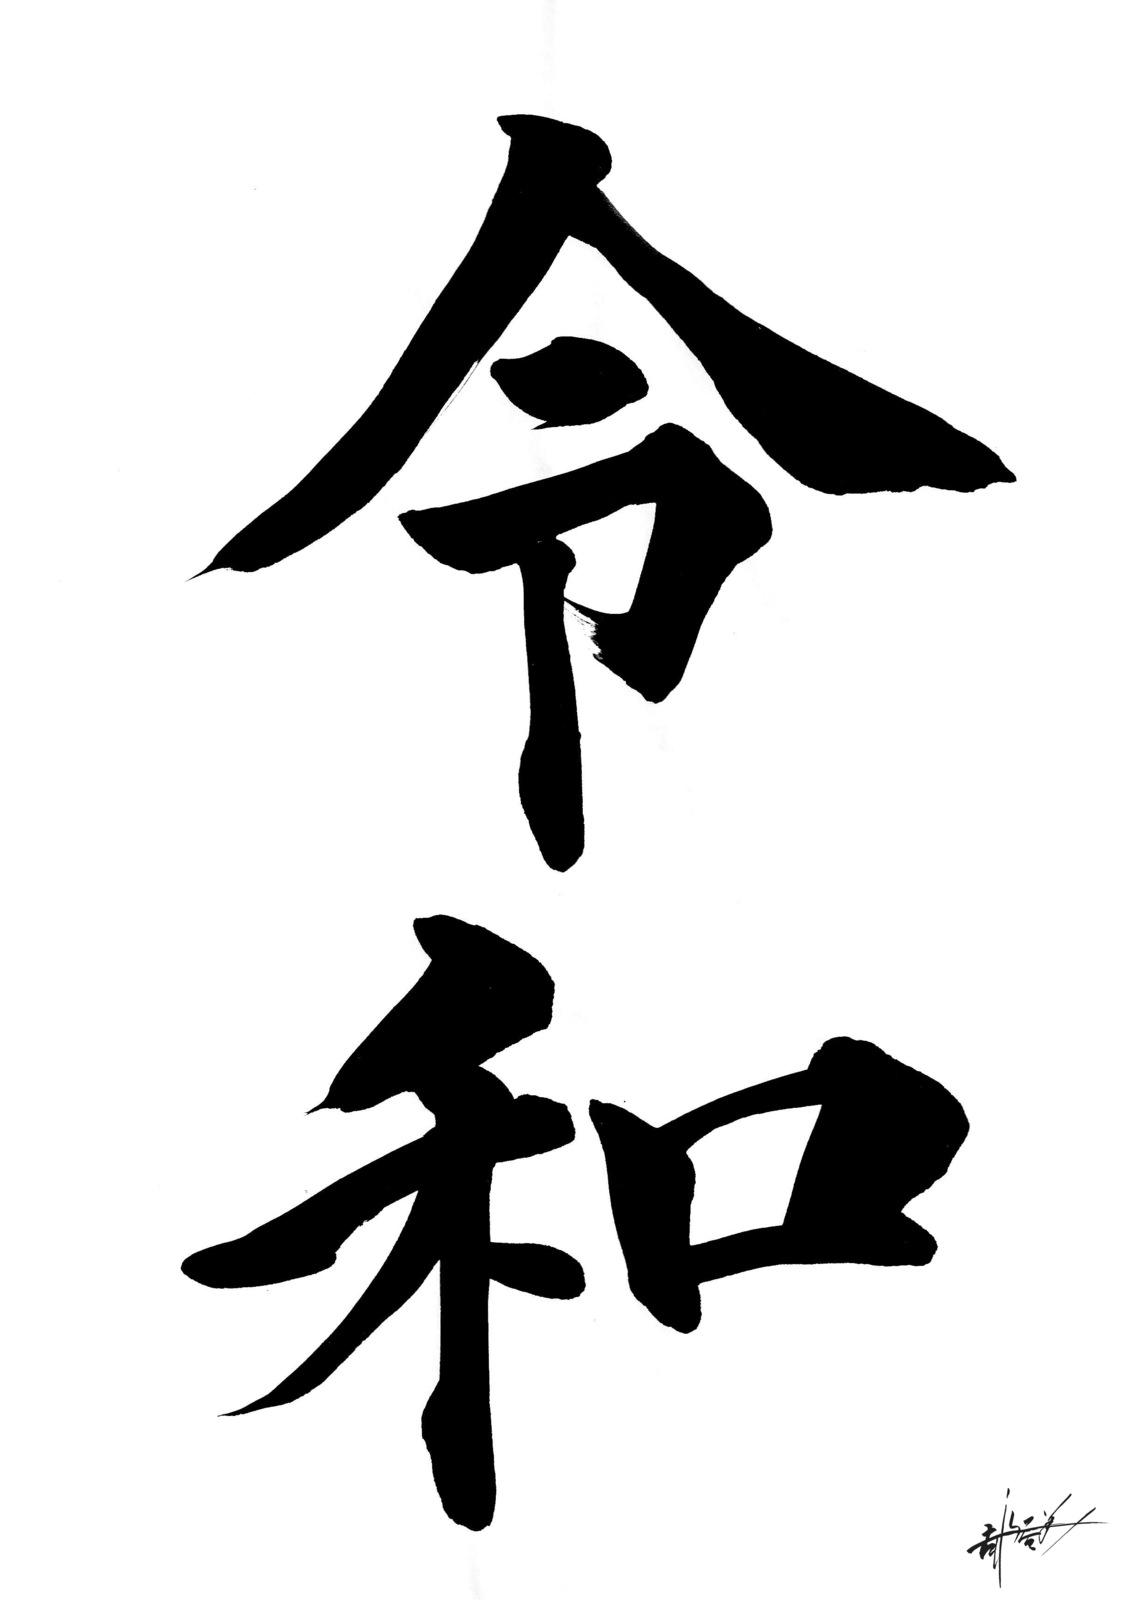 令和の筆文字 題字:書道家「吉永益美」のフリー素材